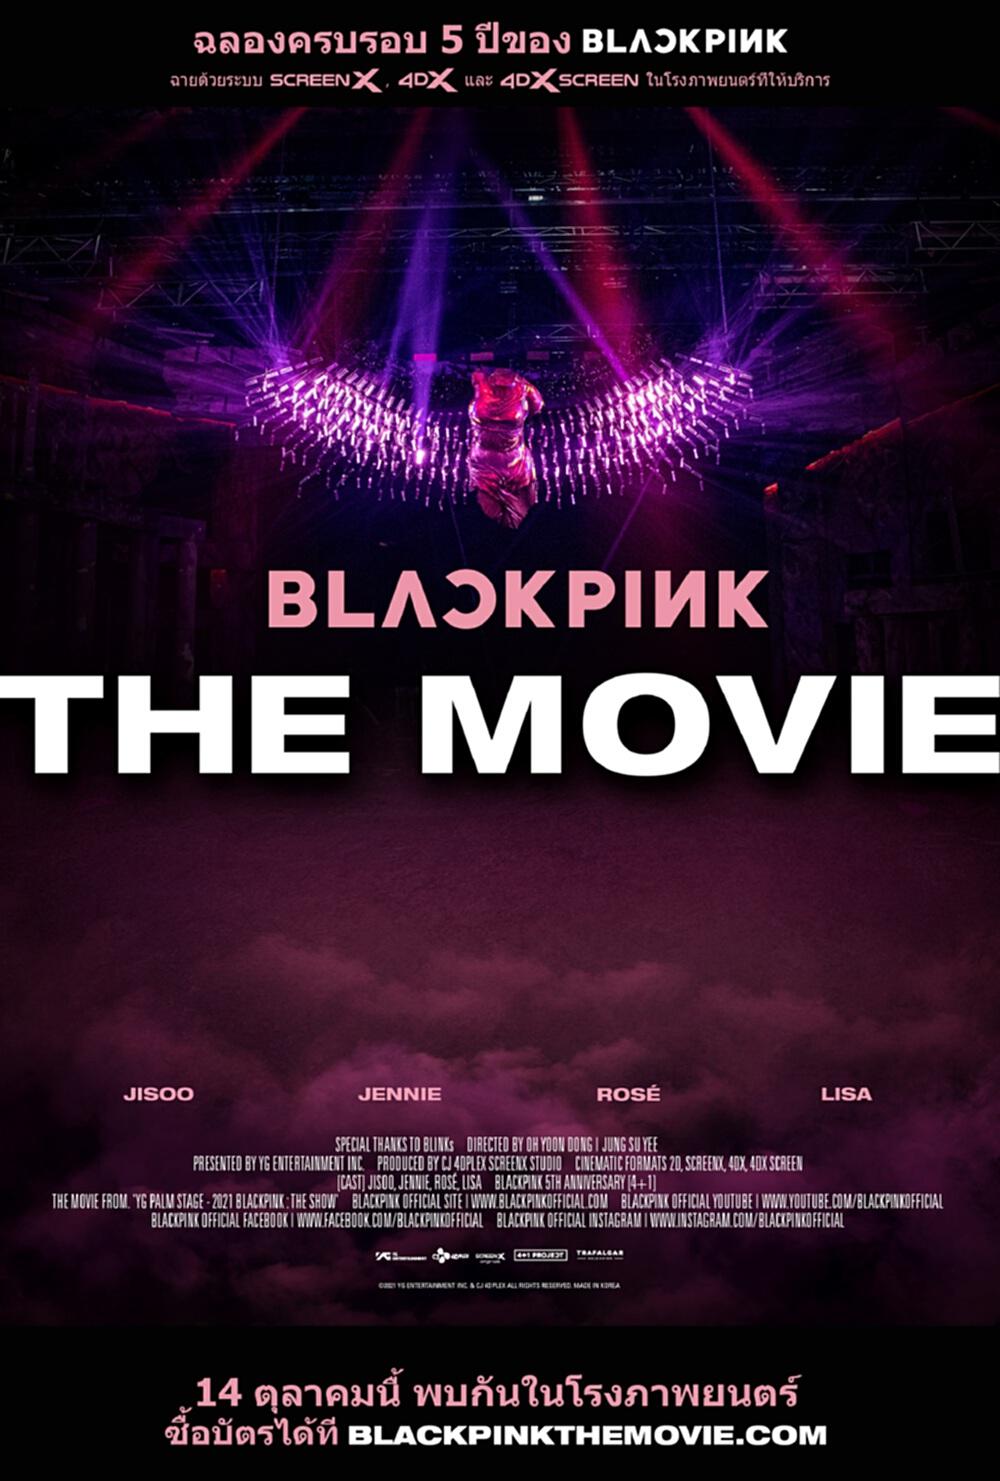 'Blackpink The Movie' กว่าจะเป็น 'แบล็คพิงก์' ที่ดังไกลในระดับโลก